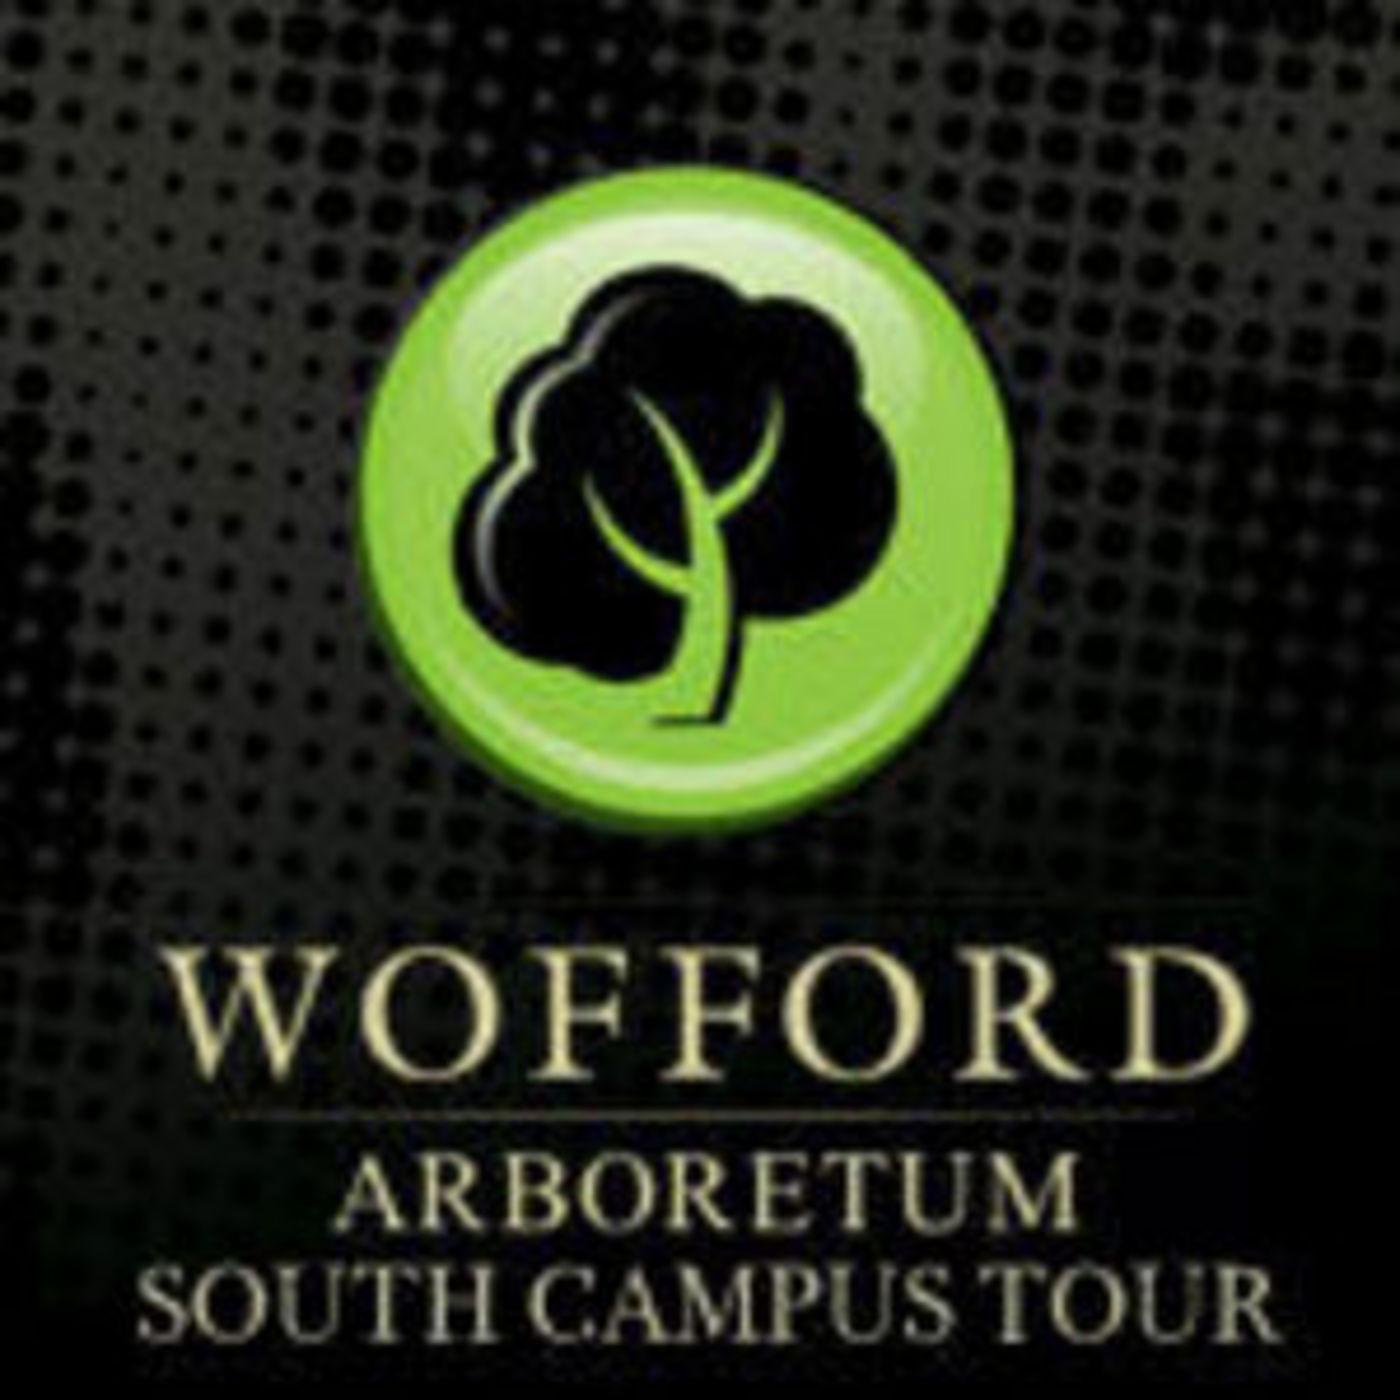 Wofford Arboretum South Campus